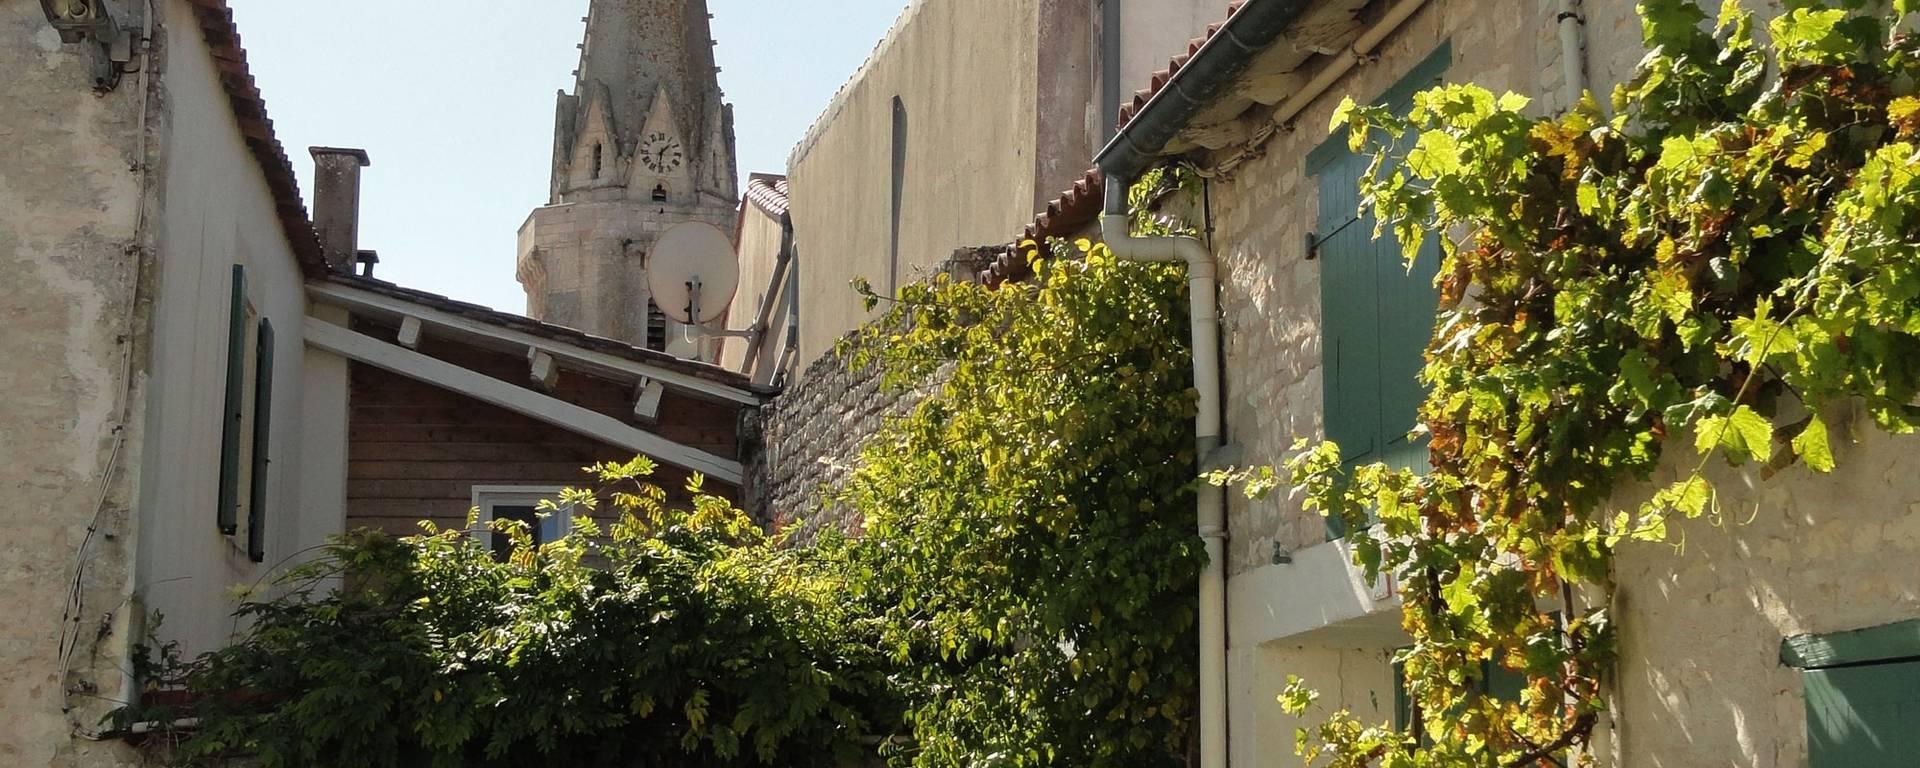 Clocher du village de Sainte-Marie-de-Ré côté Rue-du-carreau